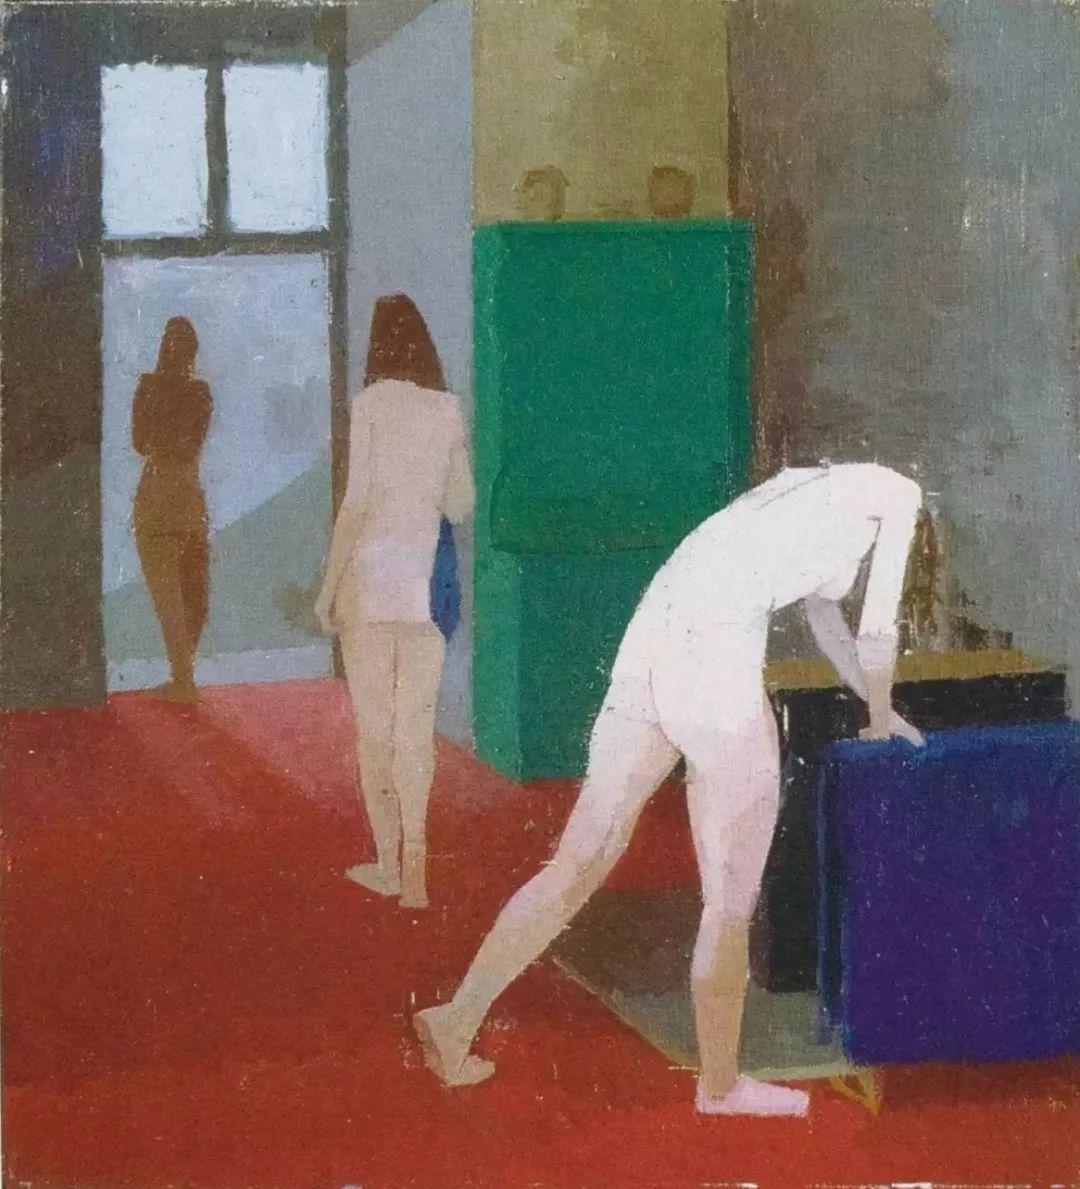 把牙膏画成人体的大师乌格罗:我是在画一个思想而非理想插图20